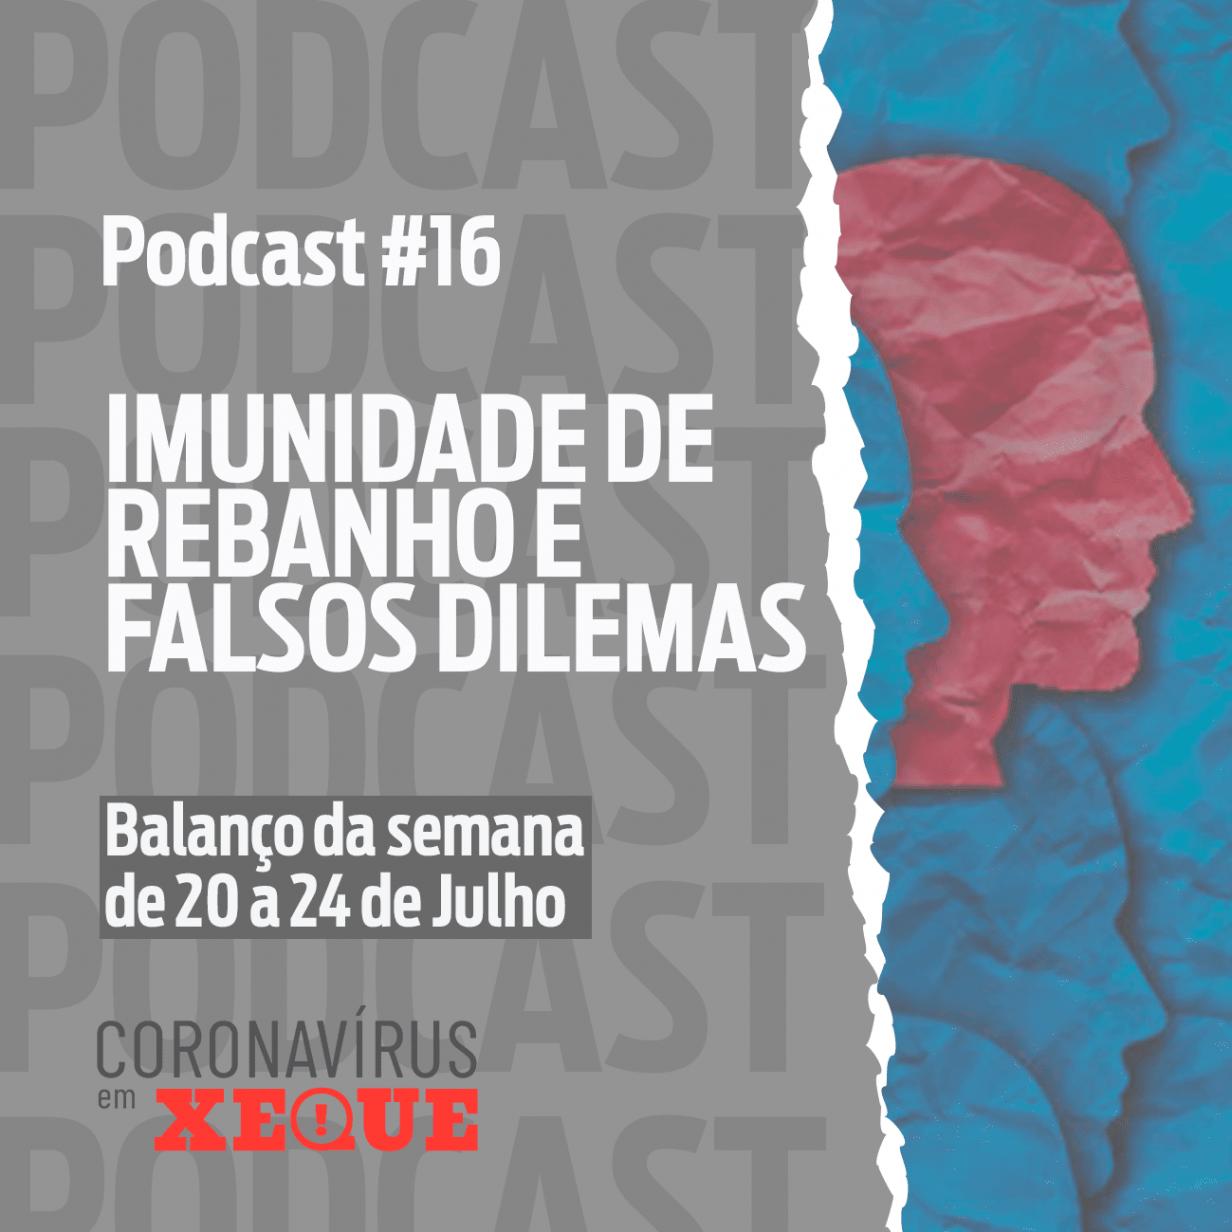 Imunidade de rebanho e falsos dilemas